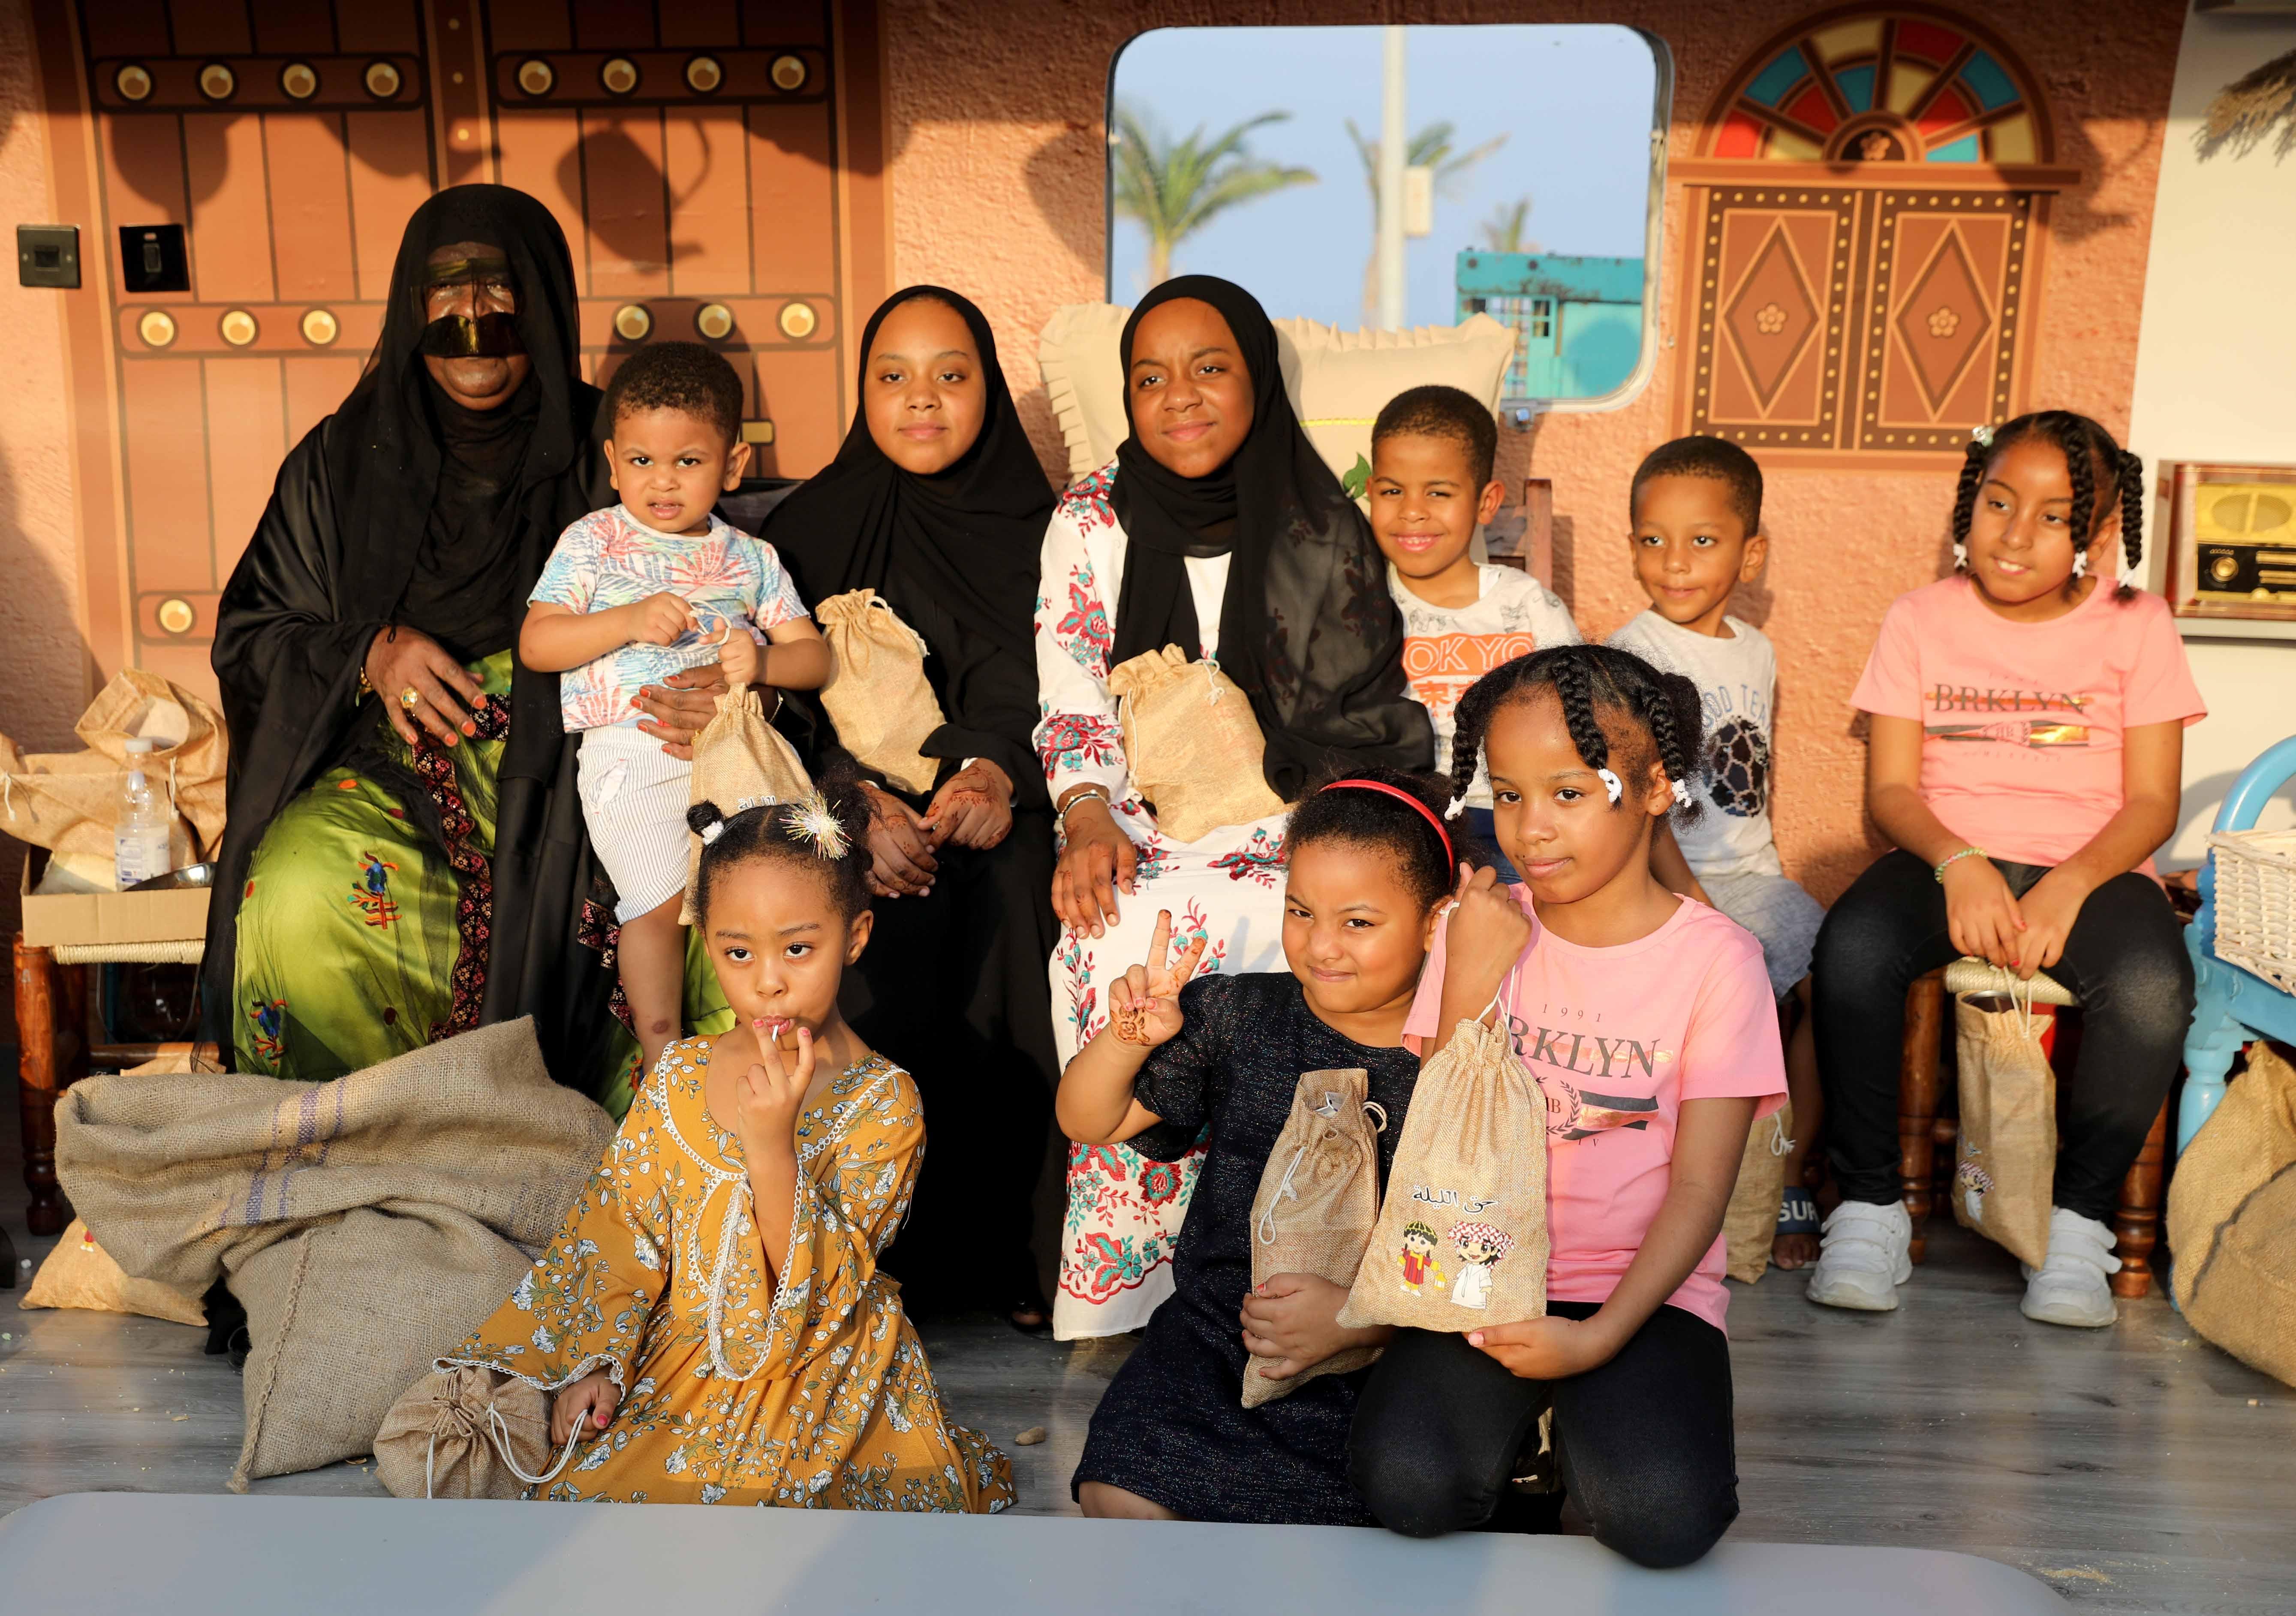 قافلة النصف من شعبان تحتفى بالتراث الشعبى وتجوب الإمارات (1)